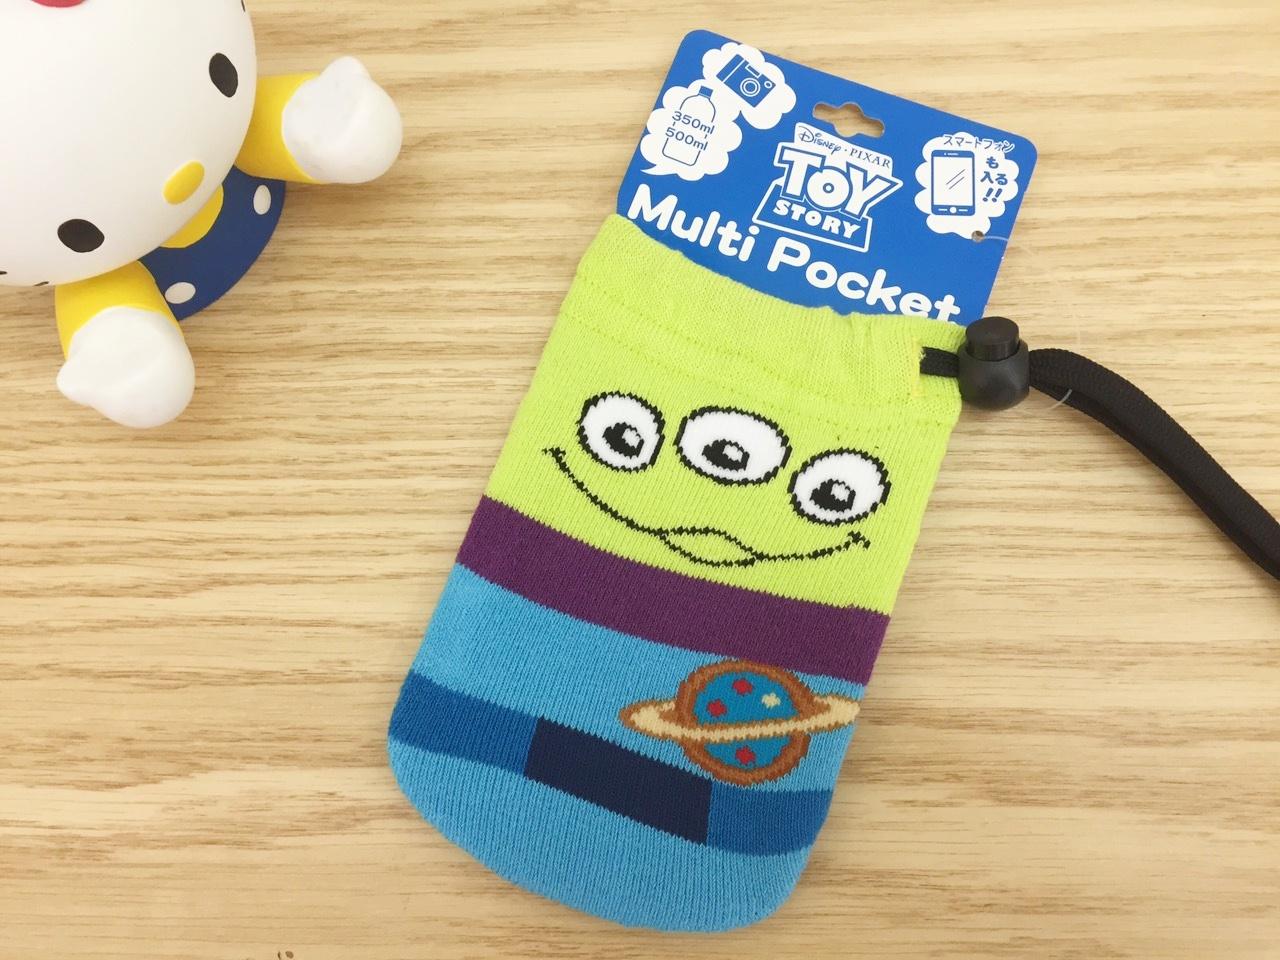 【真愛日本】15101100011 多功能毛襪收納袋-三眼怪 迪士尼 玩具總動員 TOY 收納袋 化妝包 手機袋